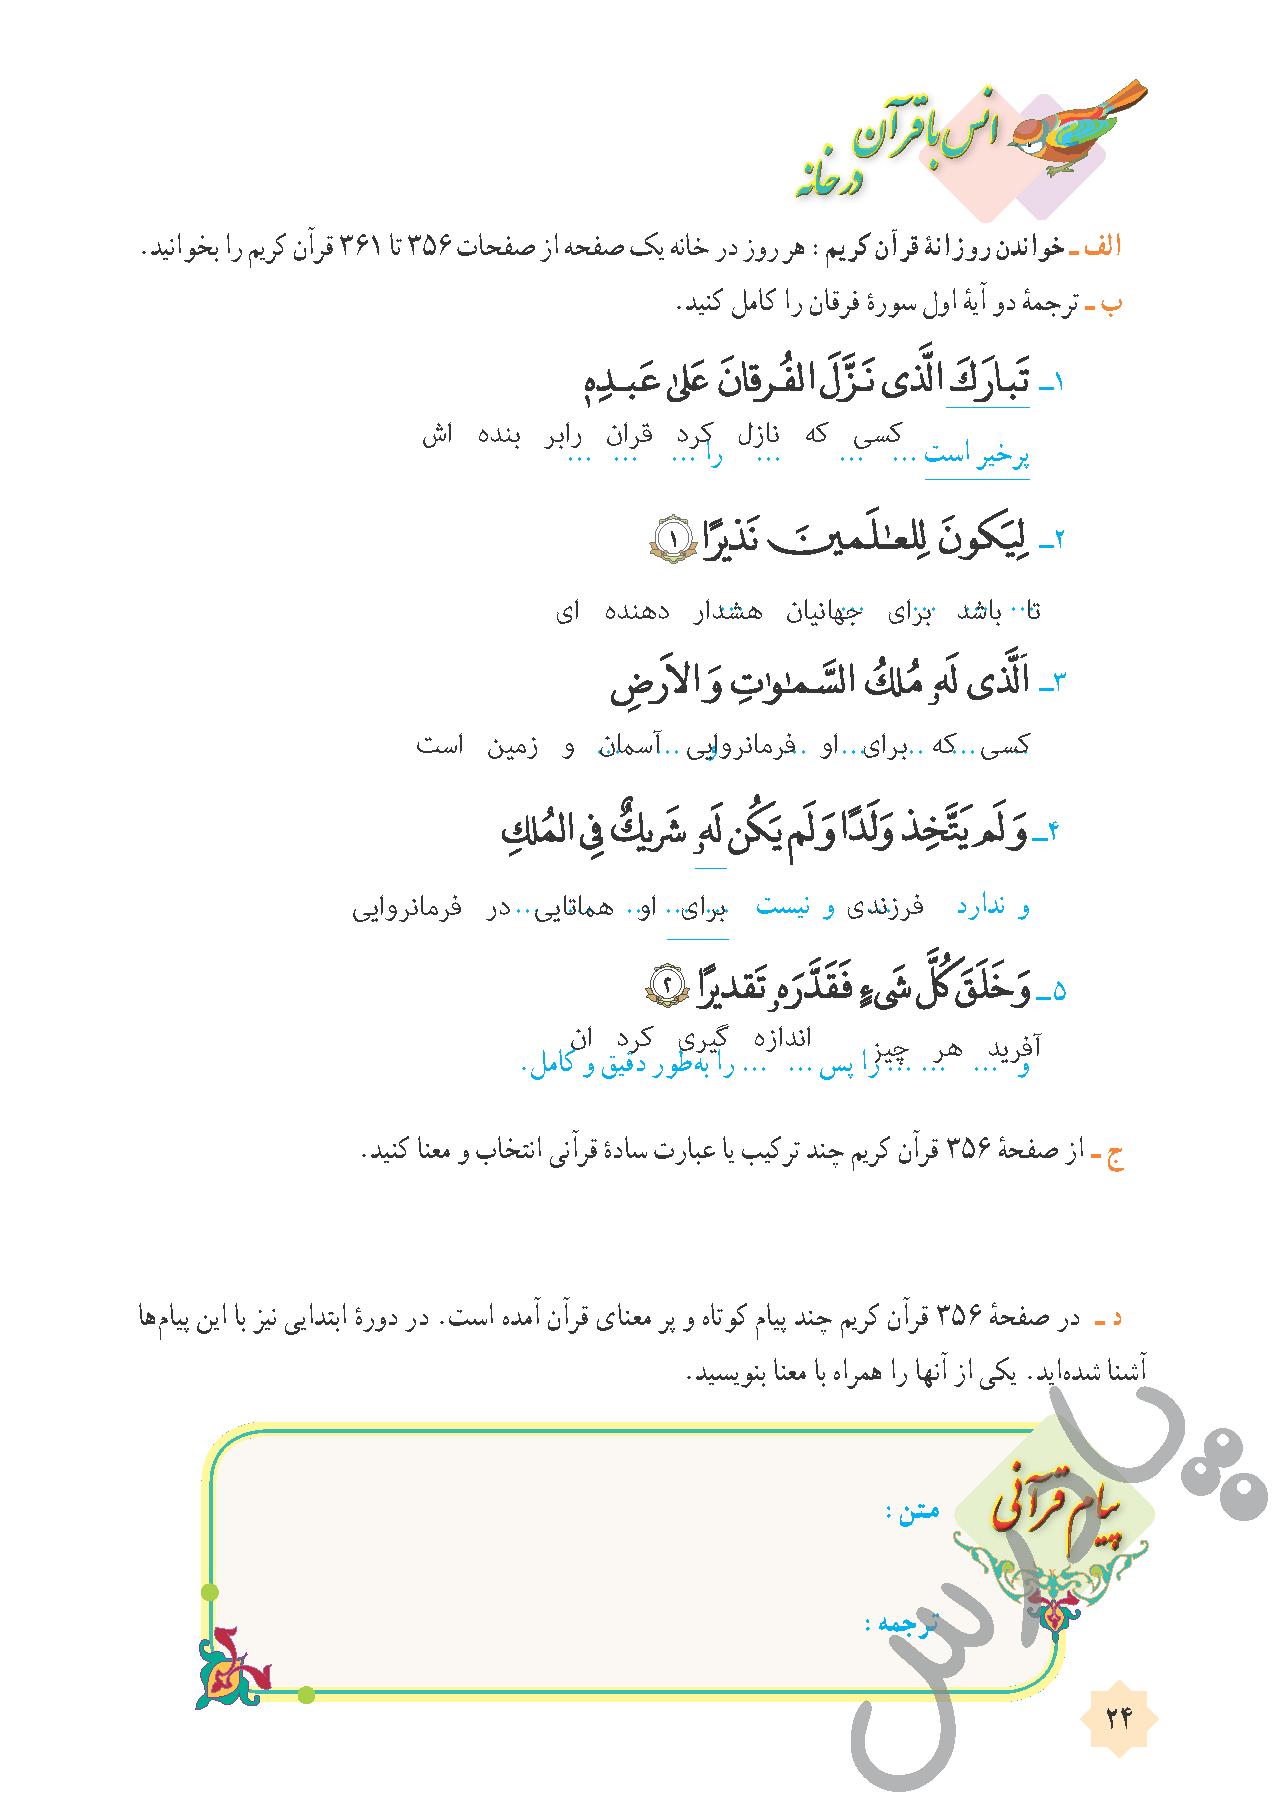 جواب انس با قران درس 2 قرآن هشتم -جلسه دوم